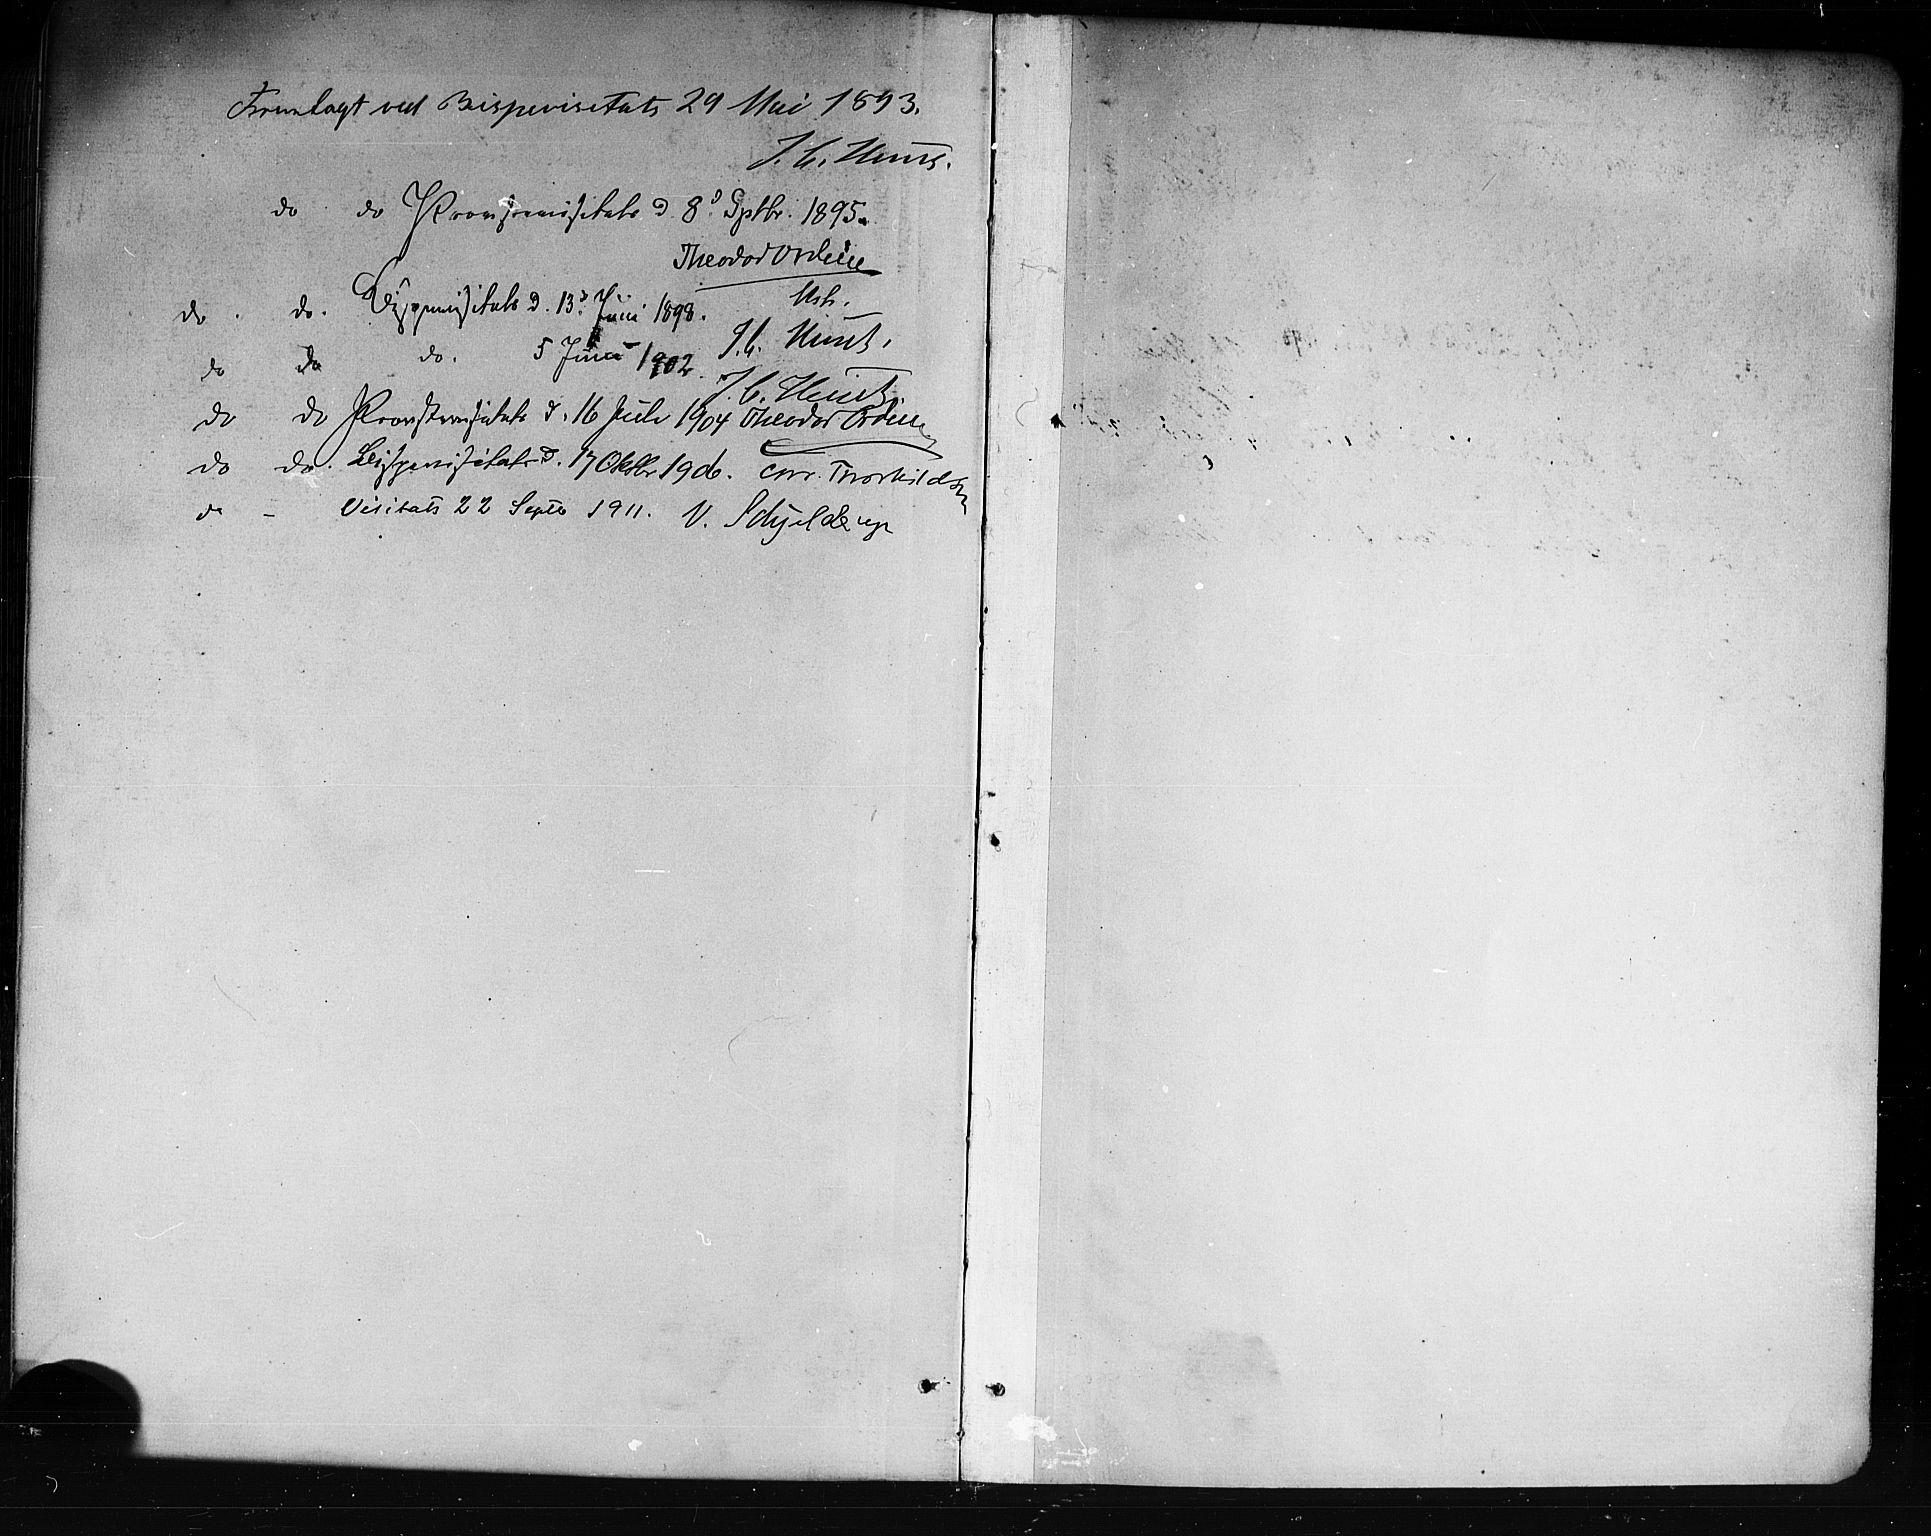 SAKO, Holla kirkebøker, G/Ga/L0005: Klokkerbok nr. I 5, 1891-1917